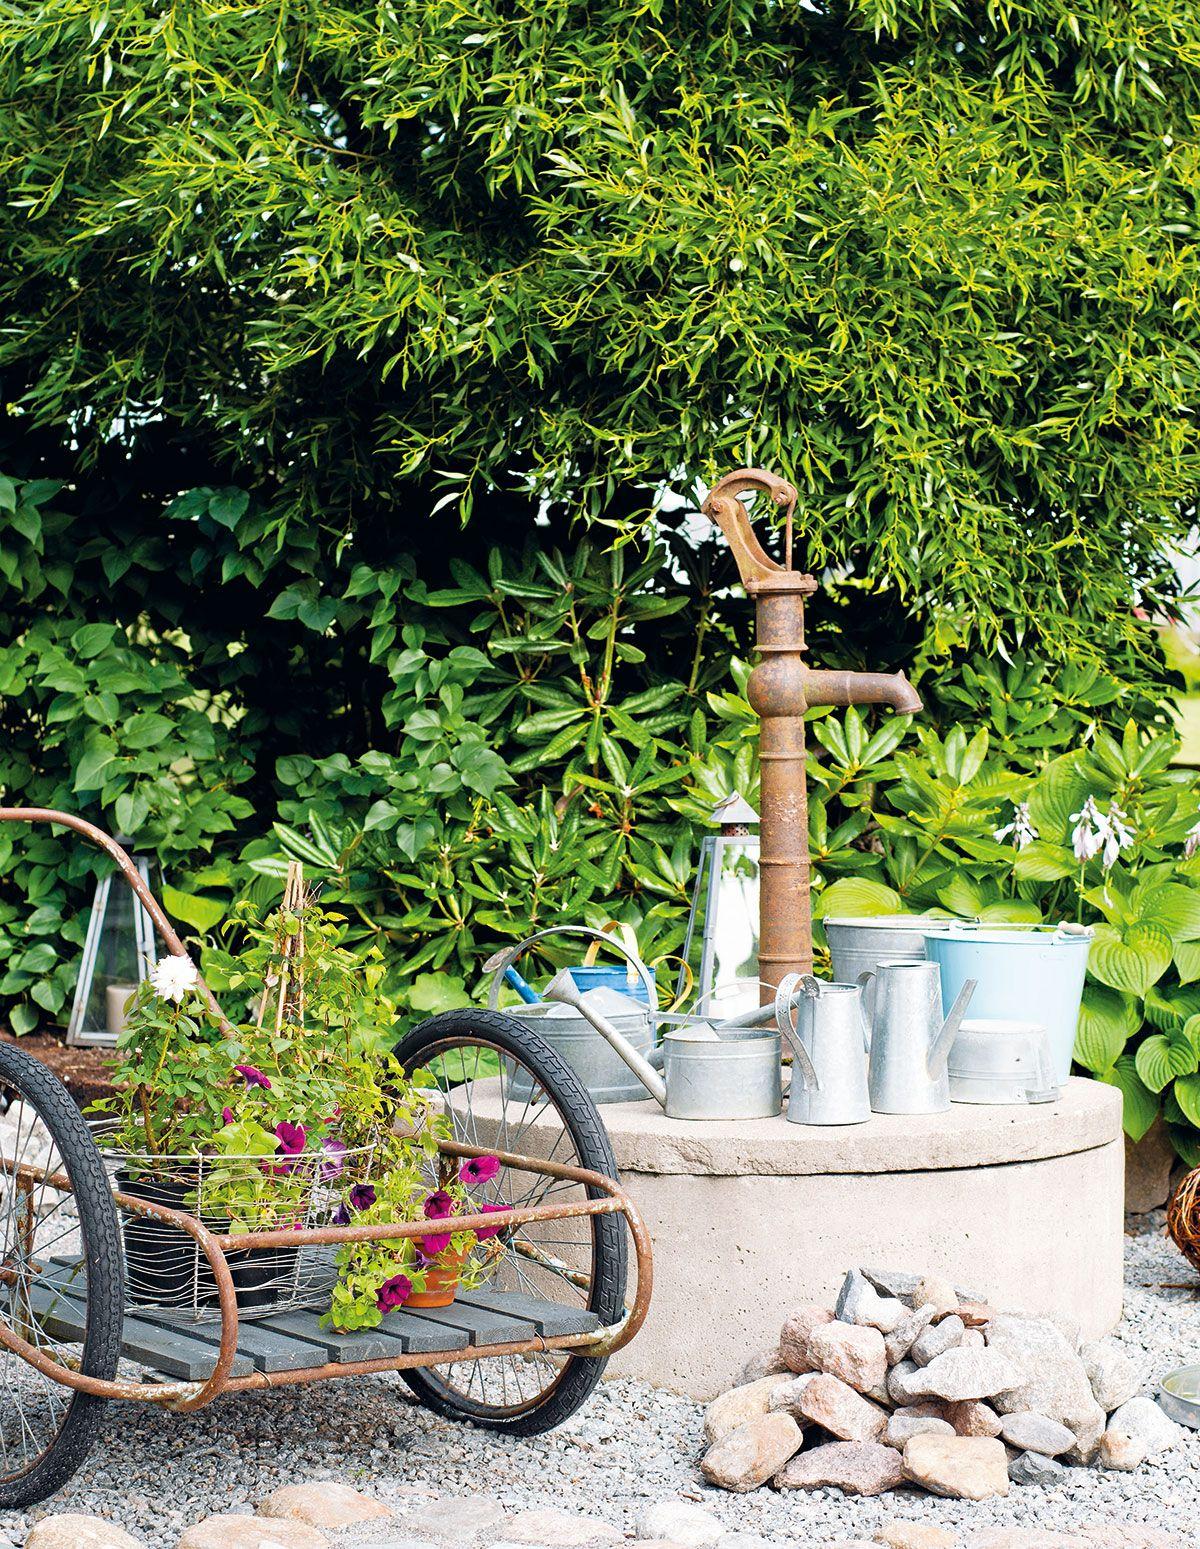 Kaivonkannella on kokoelma sinkkipeltisiä kastelukannuja ja emaliämpäreitä. Niitä täytetään kylmällä kaivovedellä. Ennen kuin vedellä kastellaan puutarhaa, vesi saa seistä kastelukannuissa, lämmetä ja hapettua.